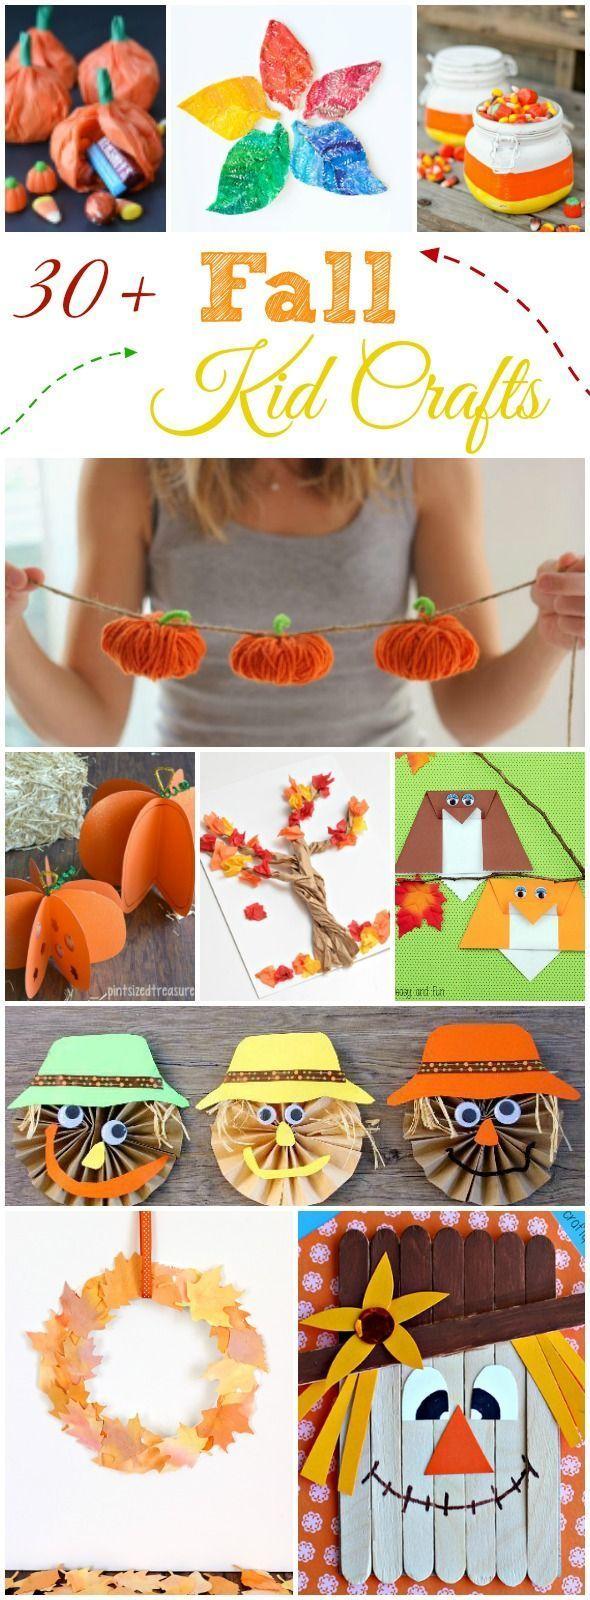 30+ Fall Kid Crafts